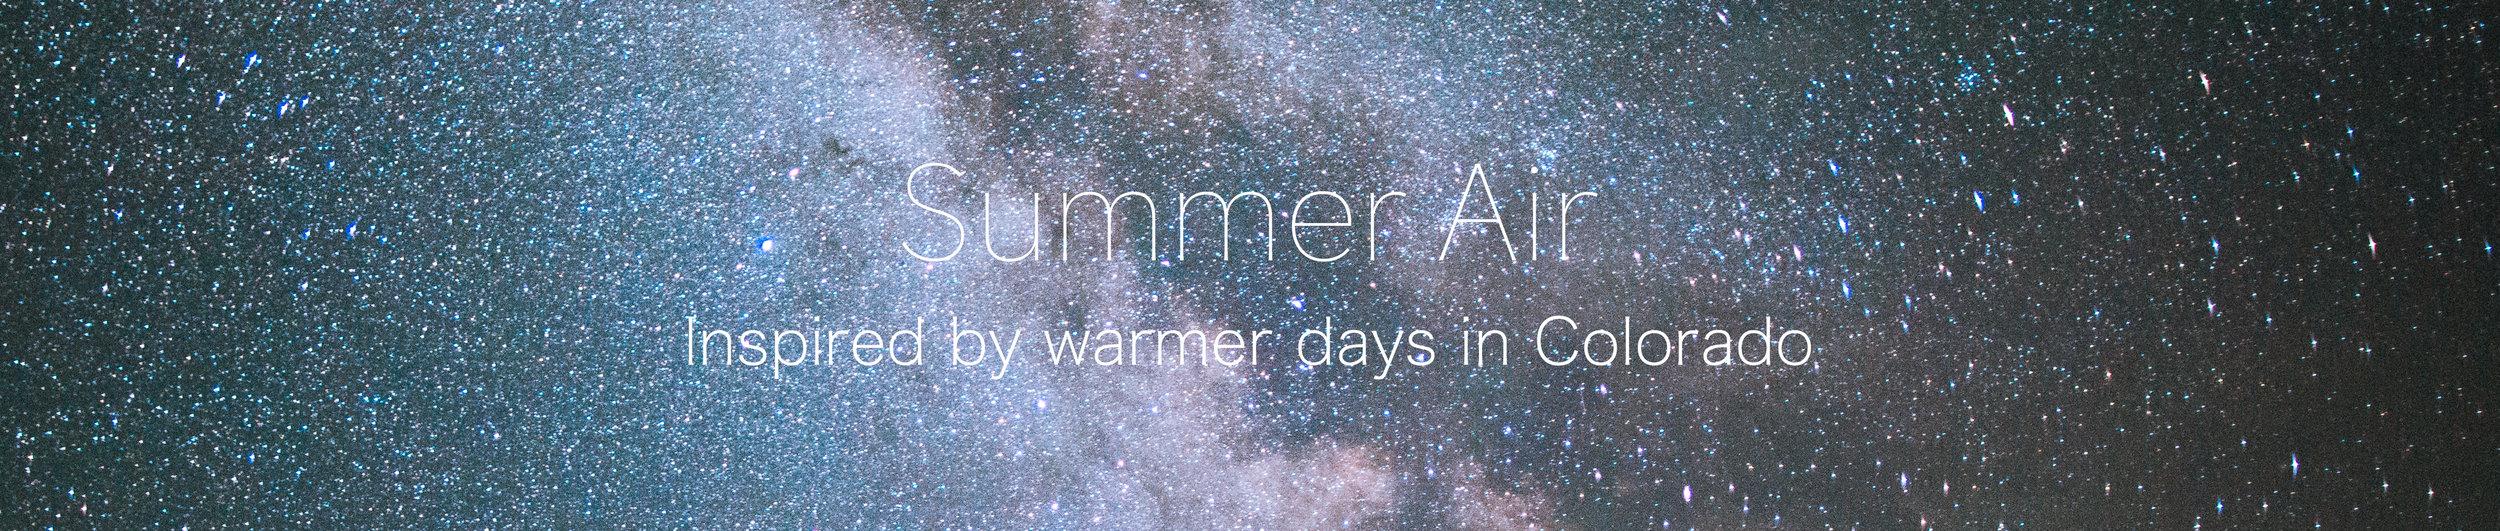 Summer2017_28_00133-2.jpg